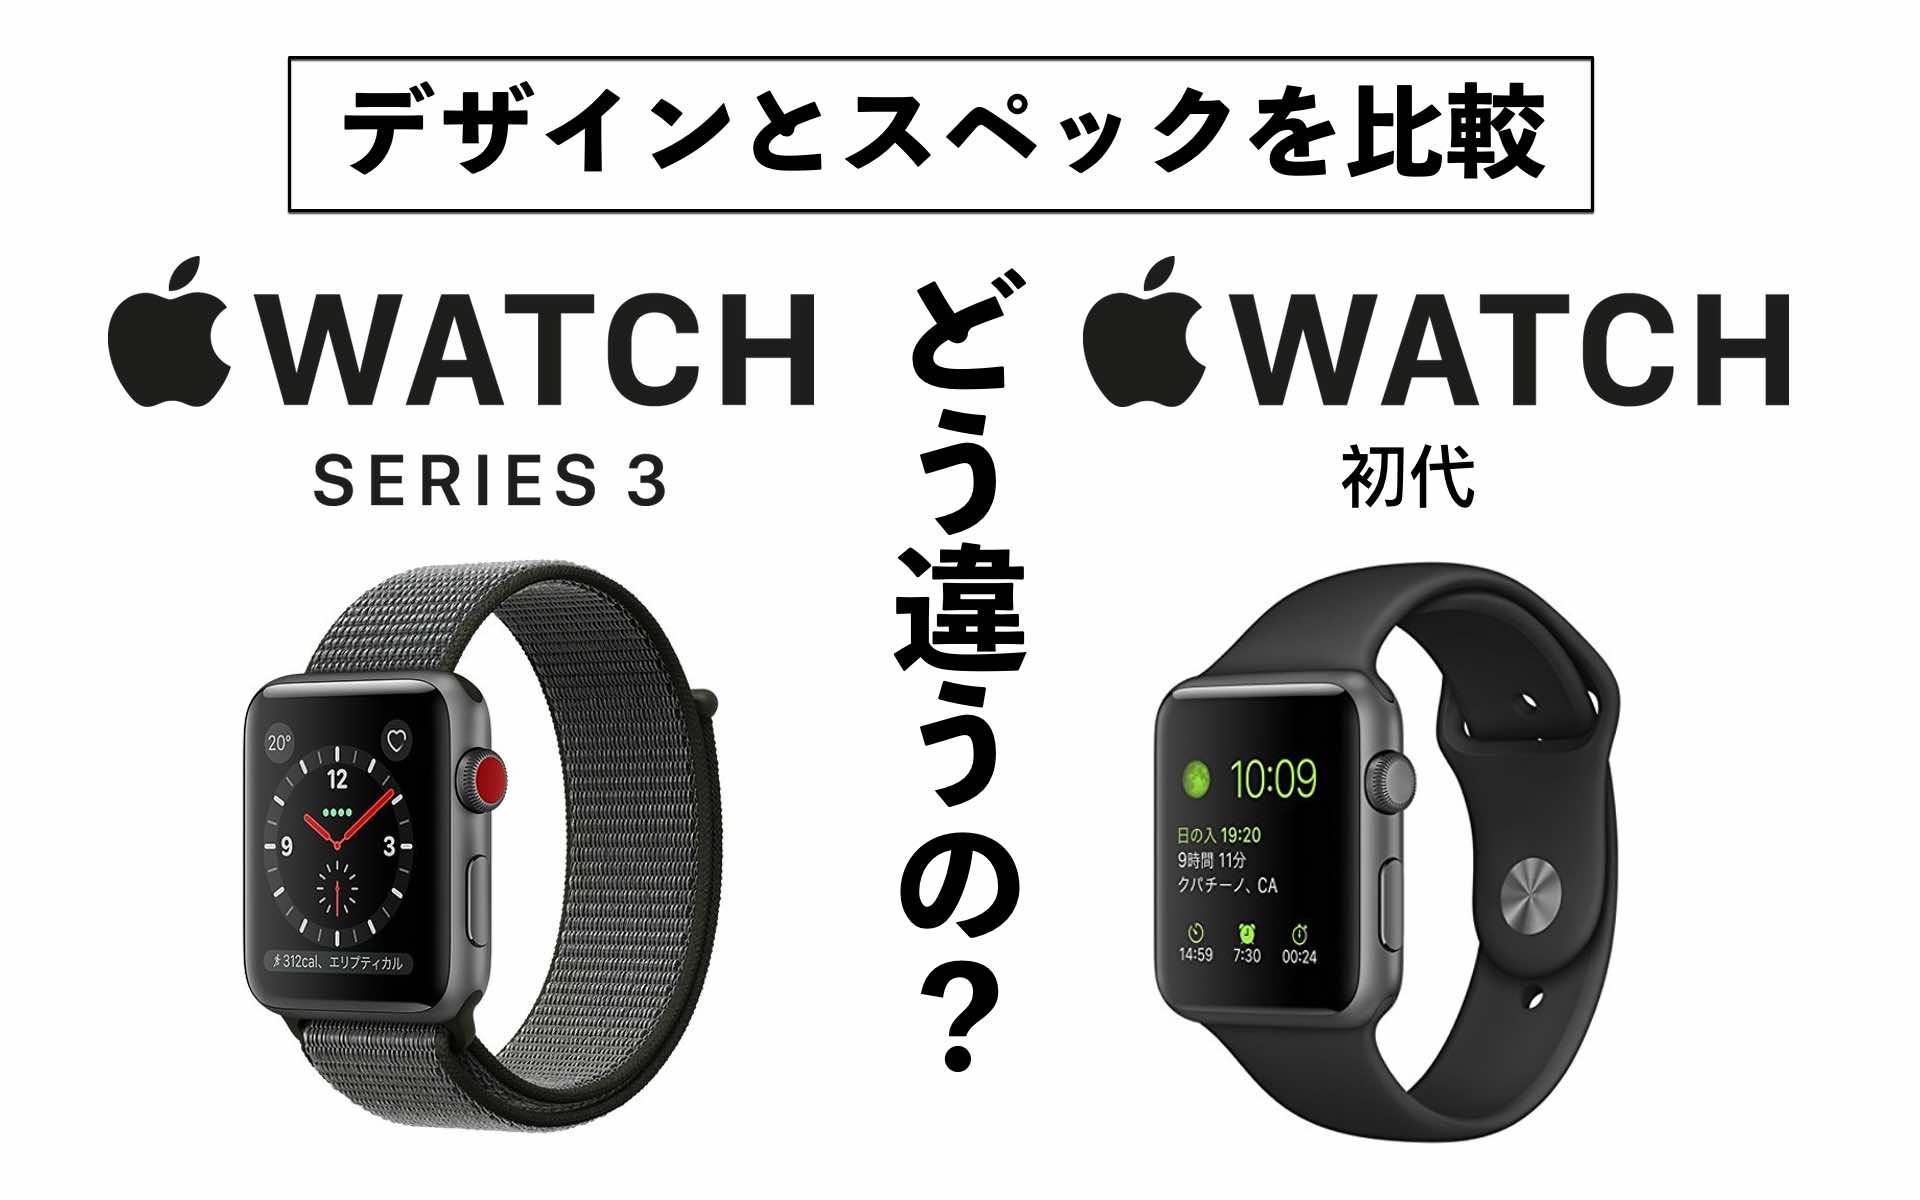 アップルウォッチの初代との違いは Apple Watch 3 セルラーを比較